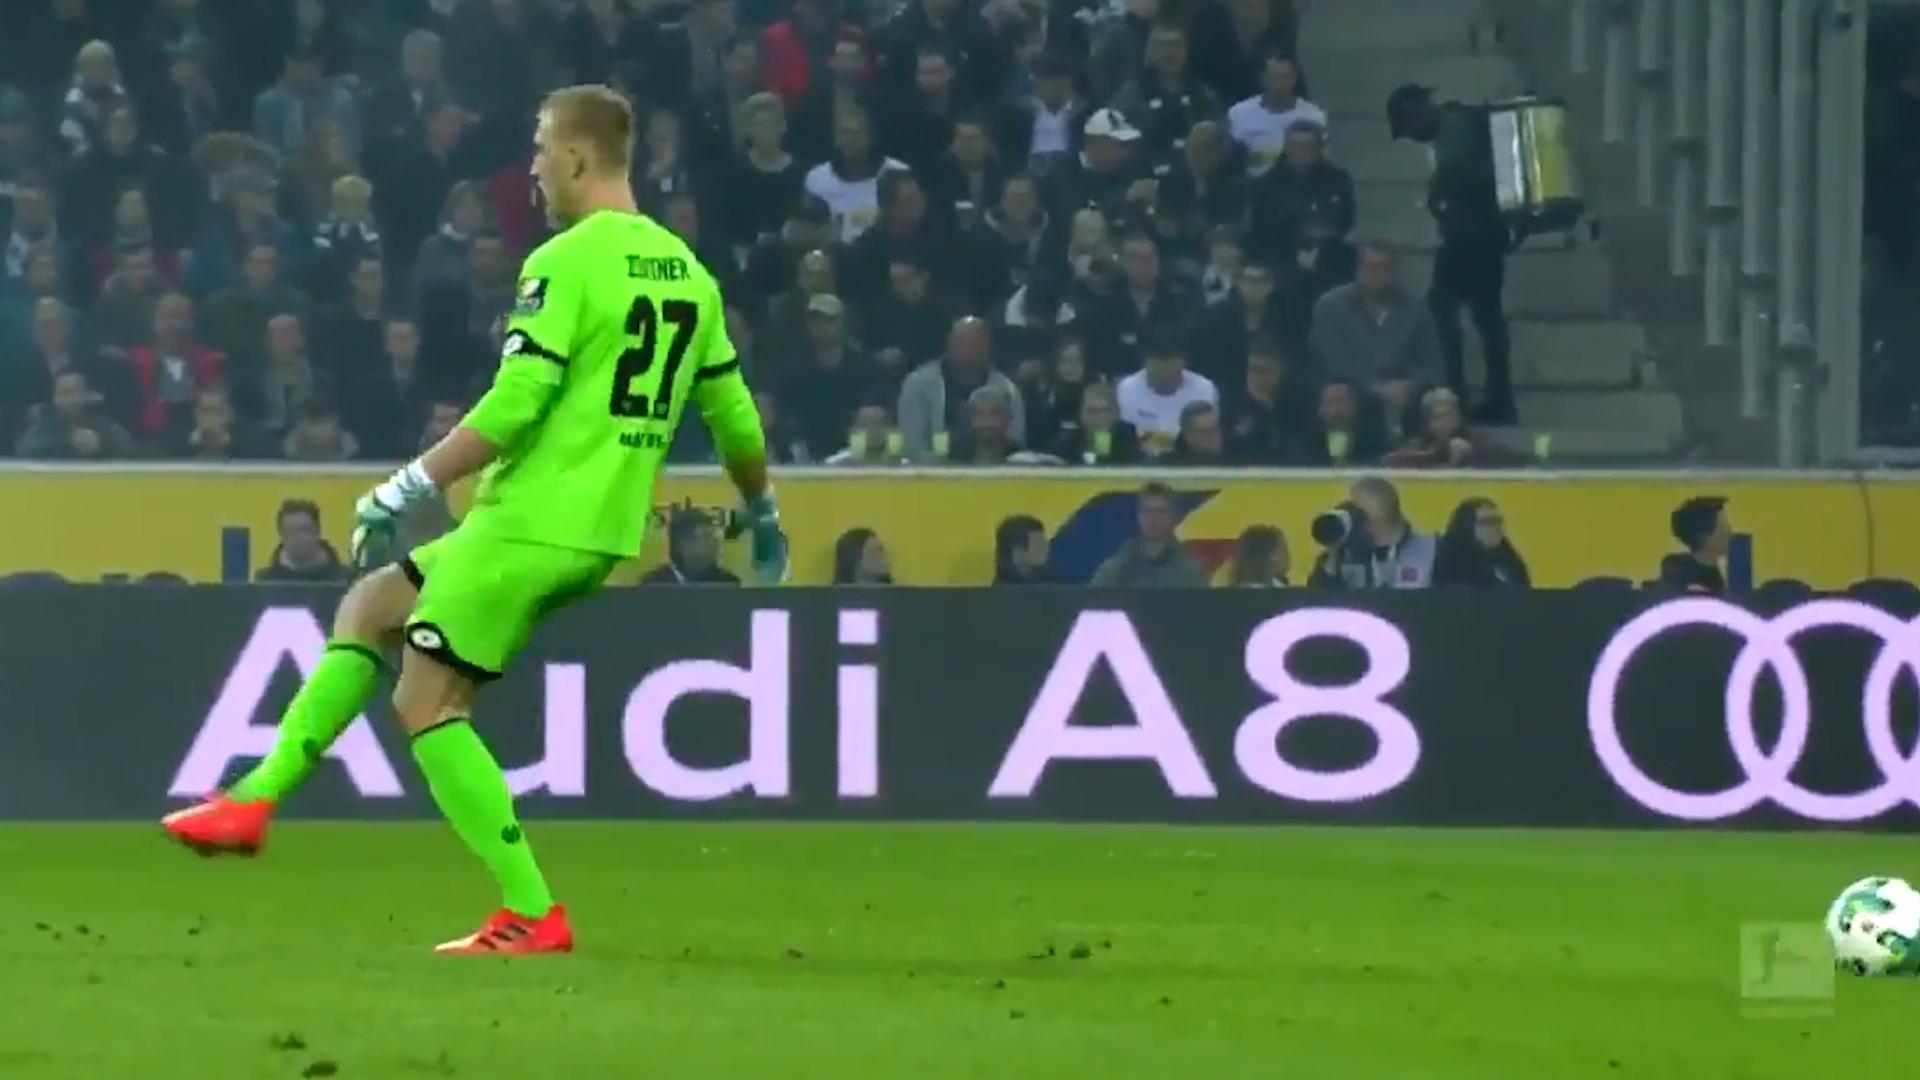 El mega fail de un portero en el futbol alemán